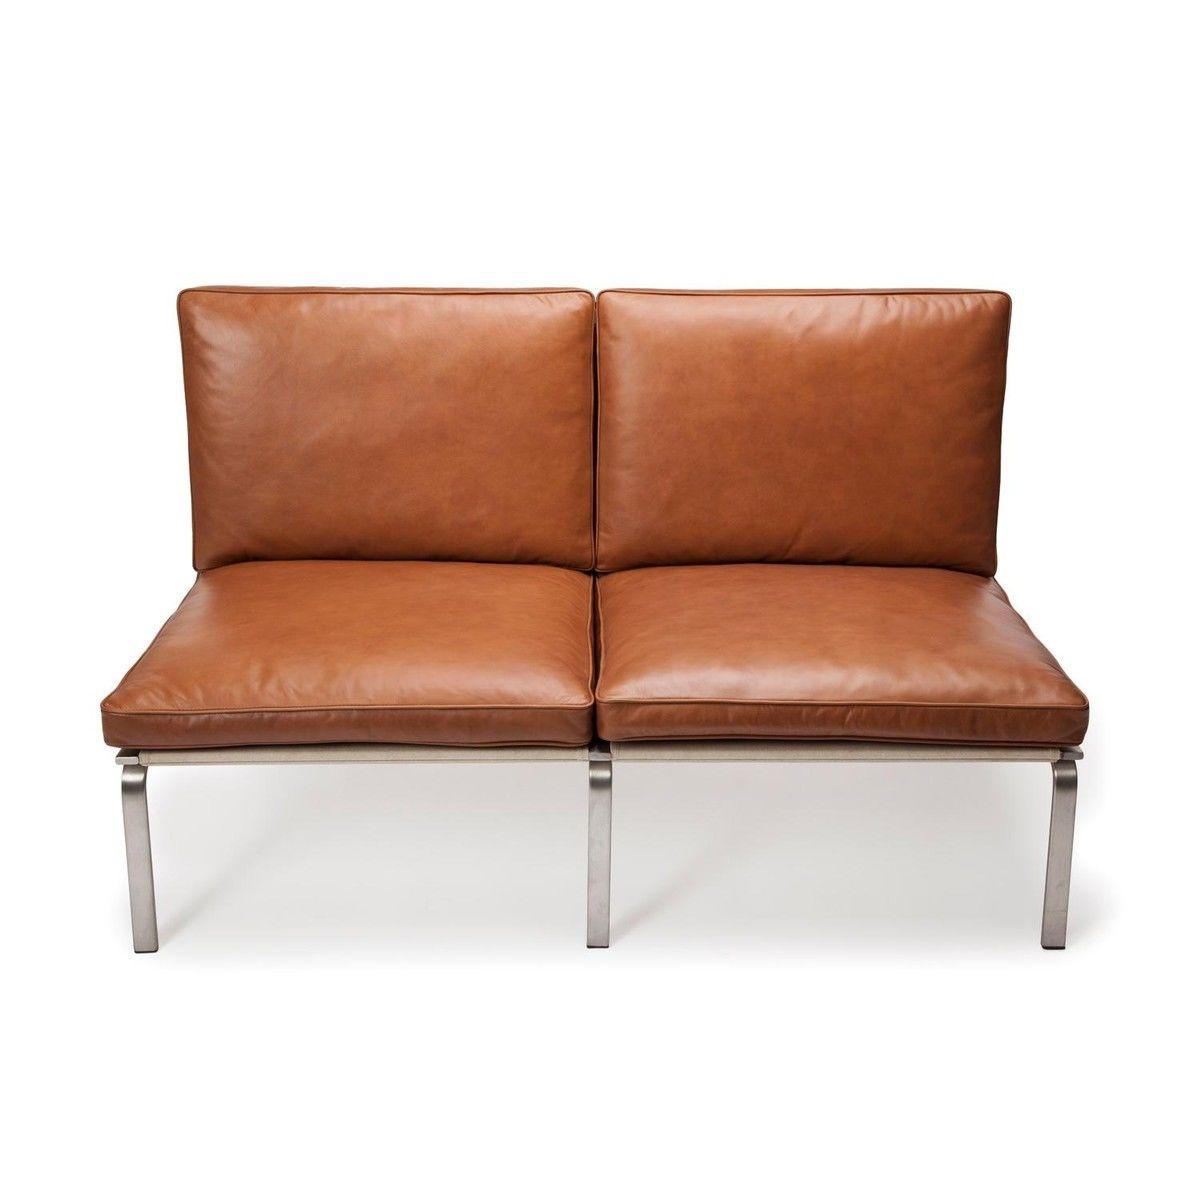 man lounge 2 sitzer ledersofa norr 11. Black Bedroom Furniture Sets. Home Design Ideas